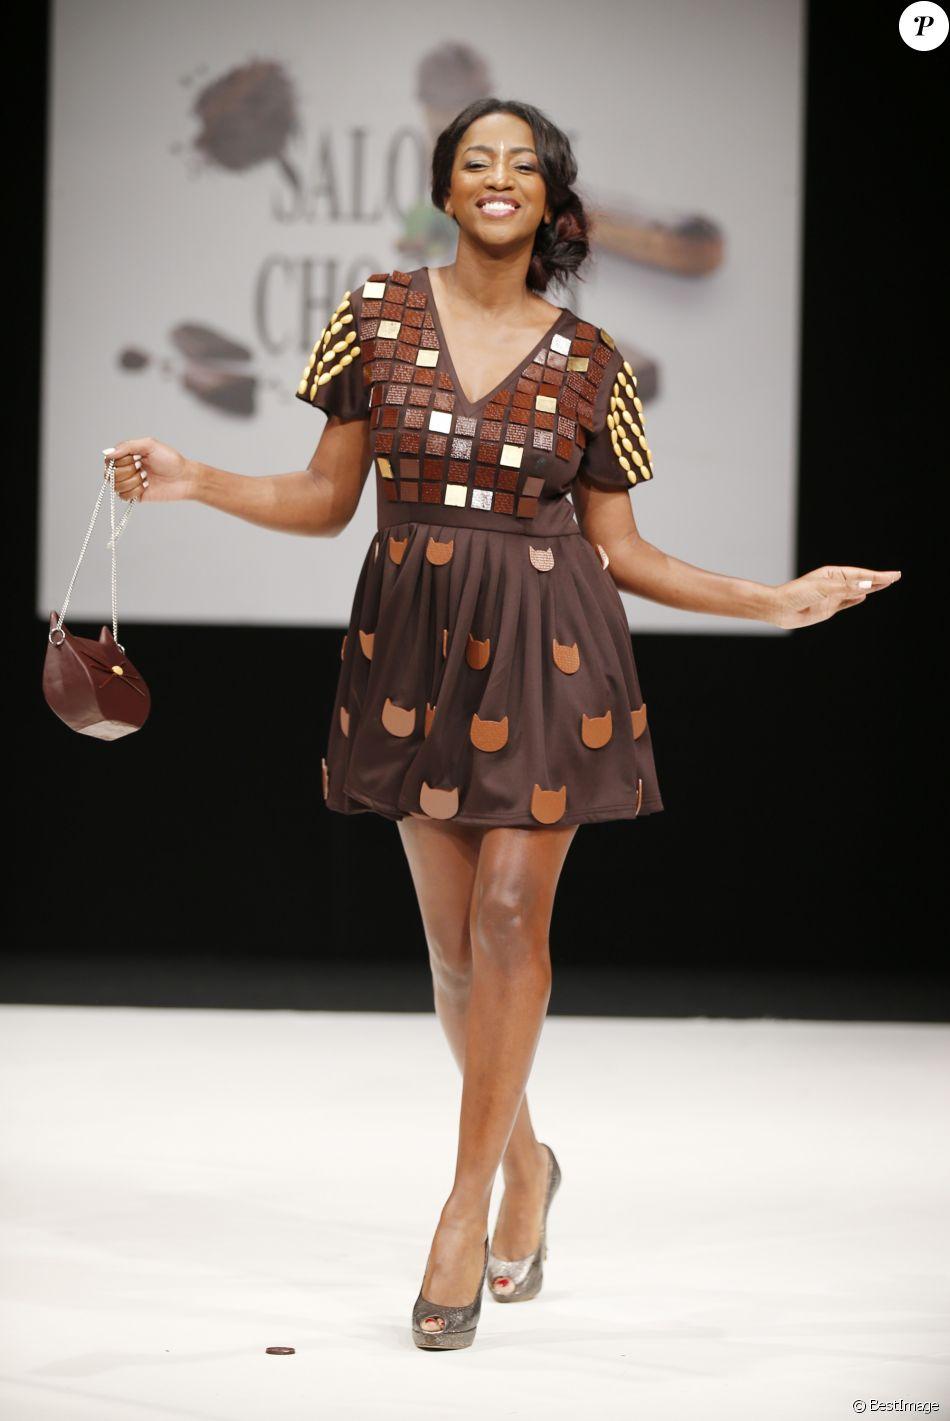 Hapsatou sy d fil du 23 me salon du chocolat la porte de versailles paris le 27 octobre - Salon de coiffure hapsatou sy ...